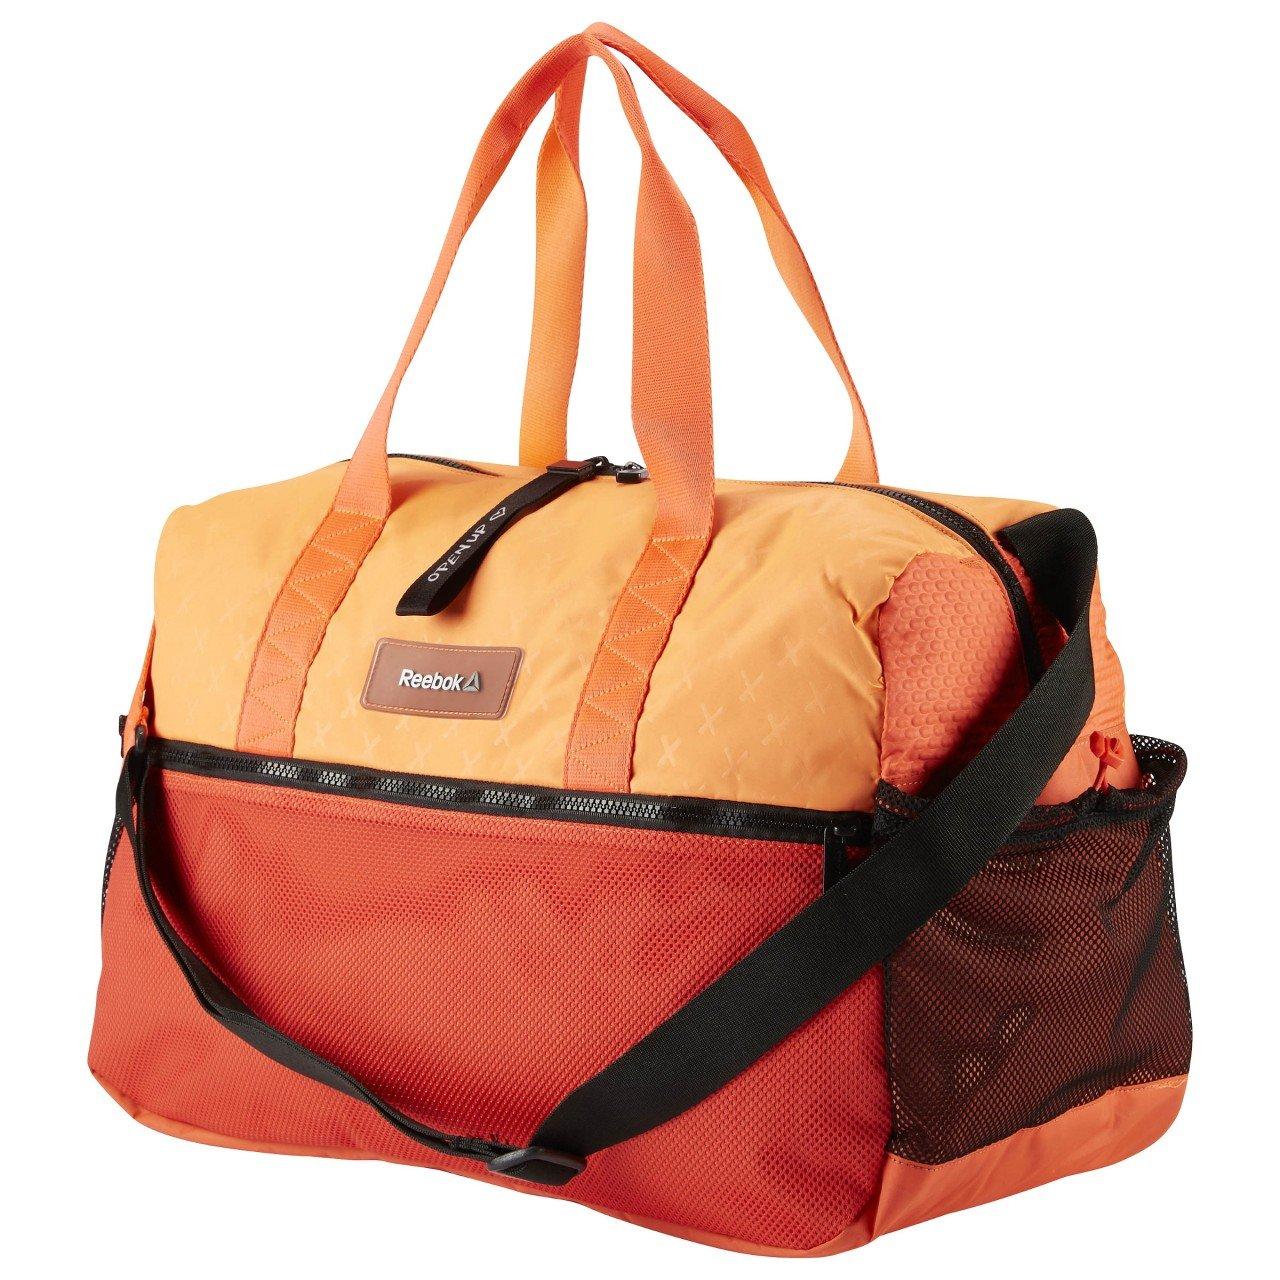 20bf5f856f39b Reebok Damen Sporttasche rot Einheitsgröße  Amazon.de  Sport   Freizeit